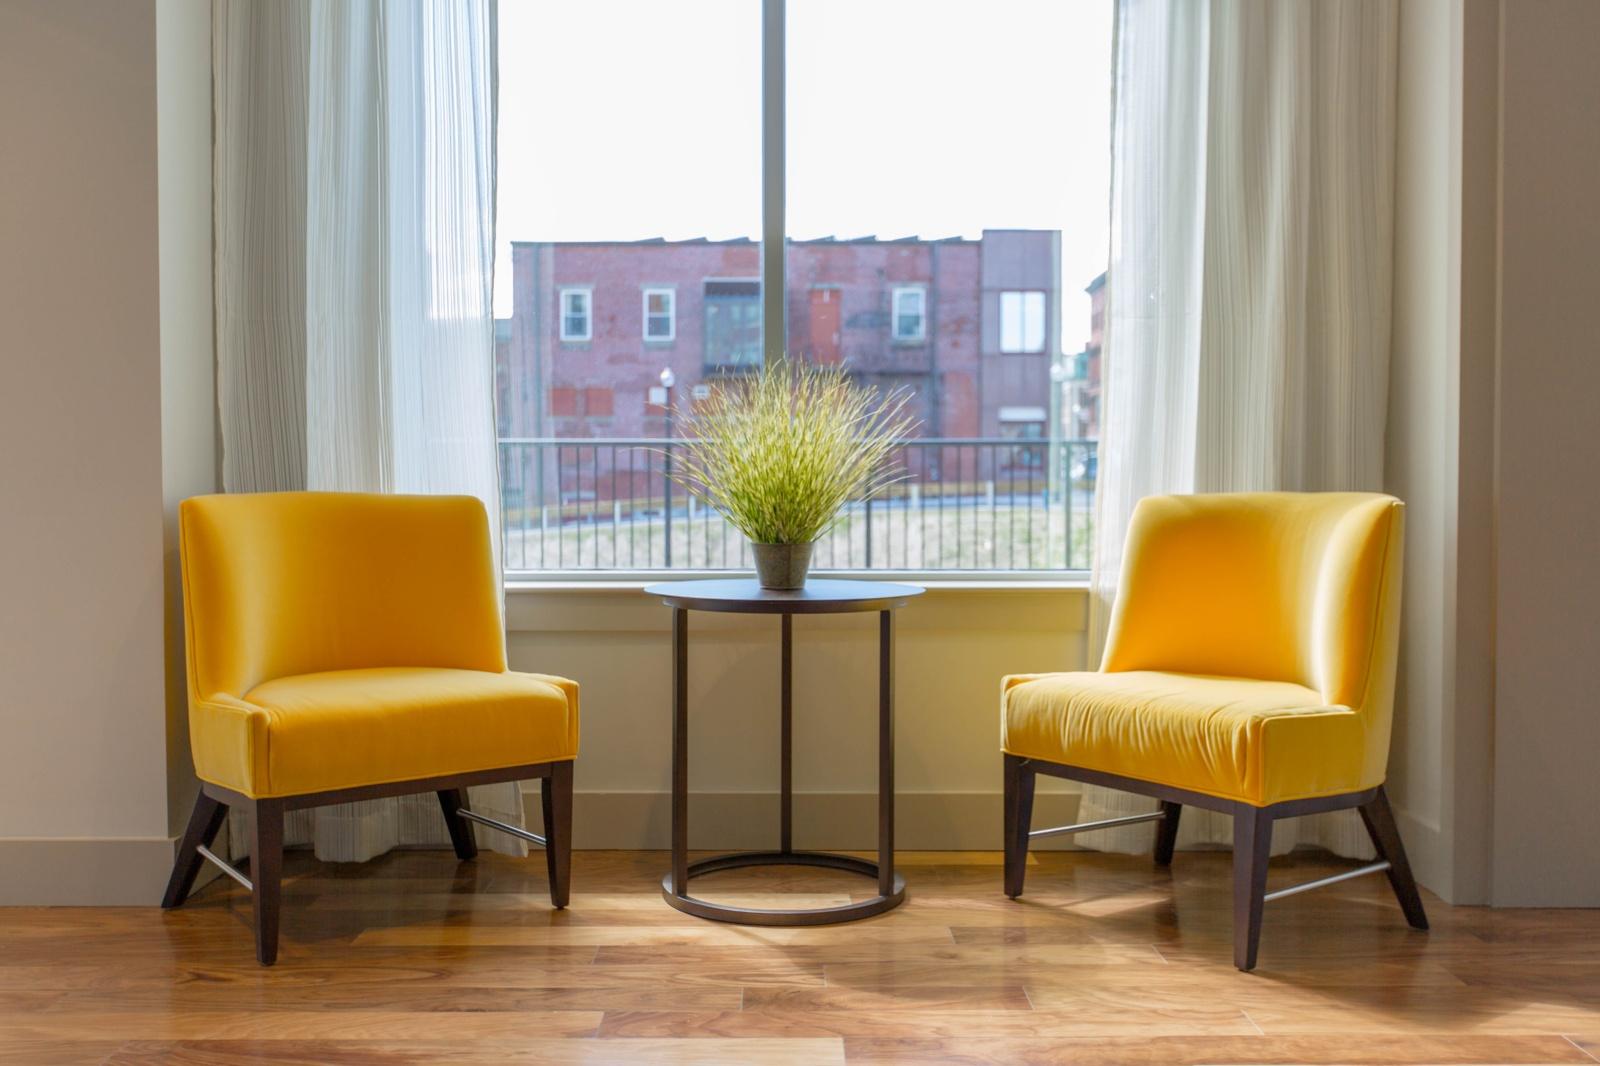 Ko reikia jaukesniems namams?